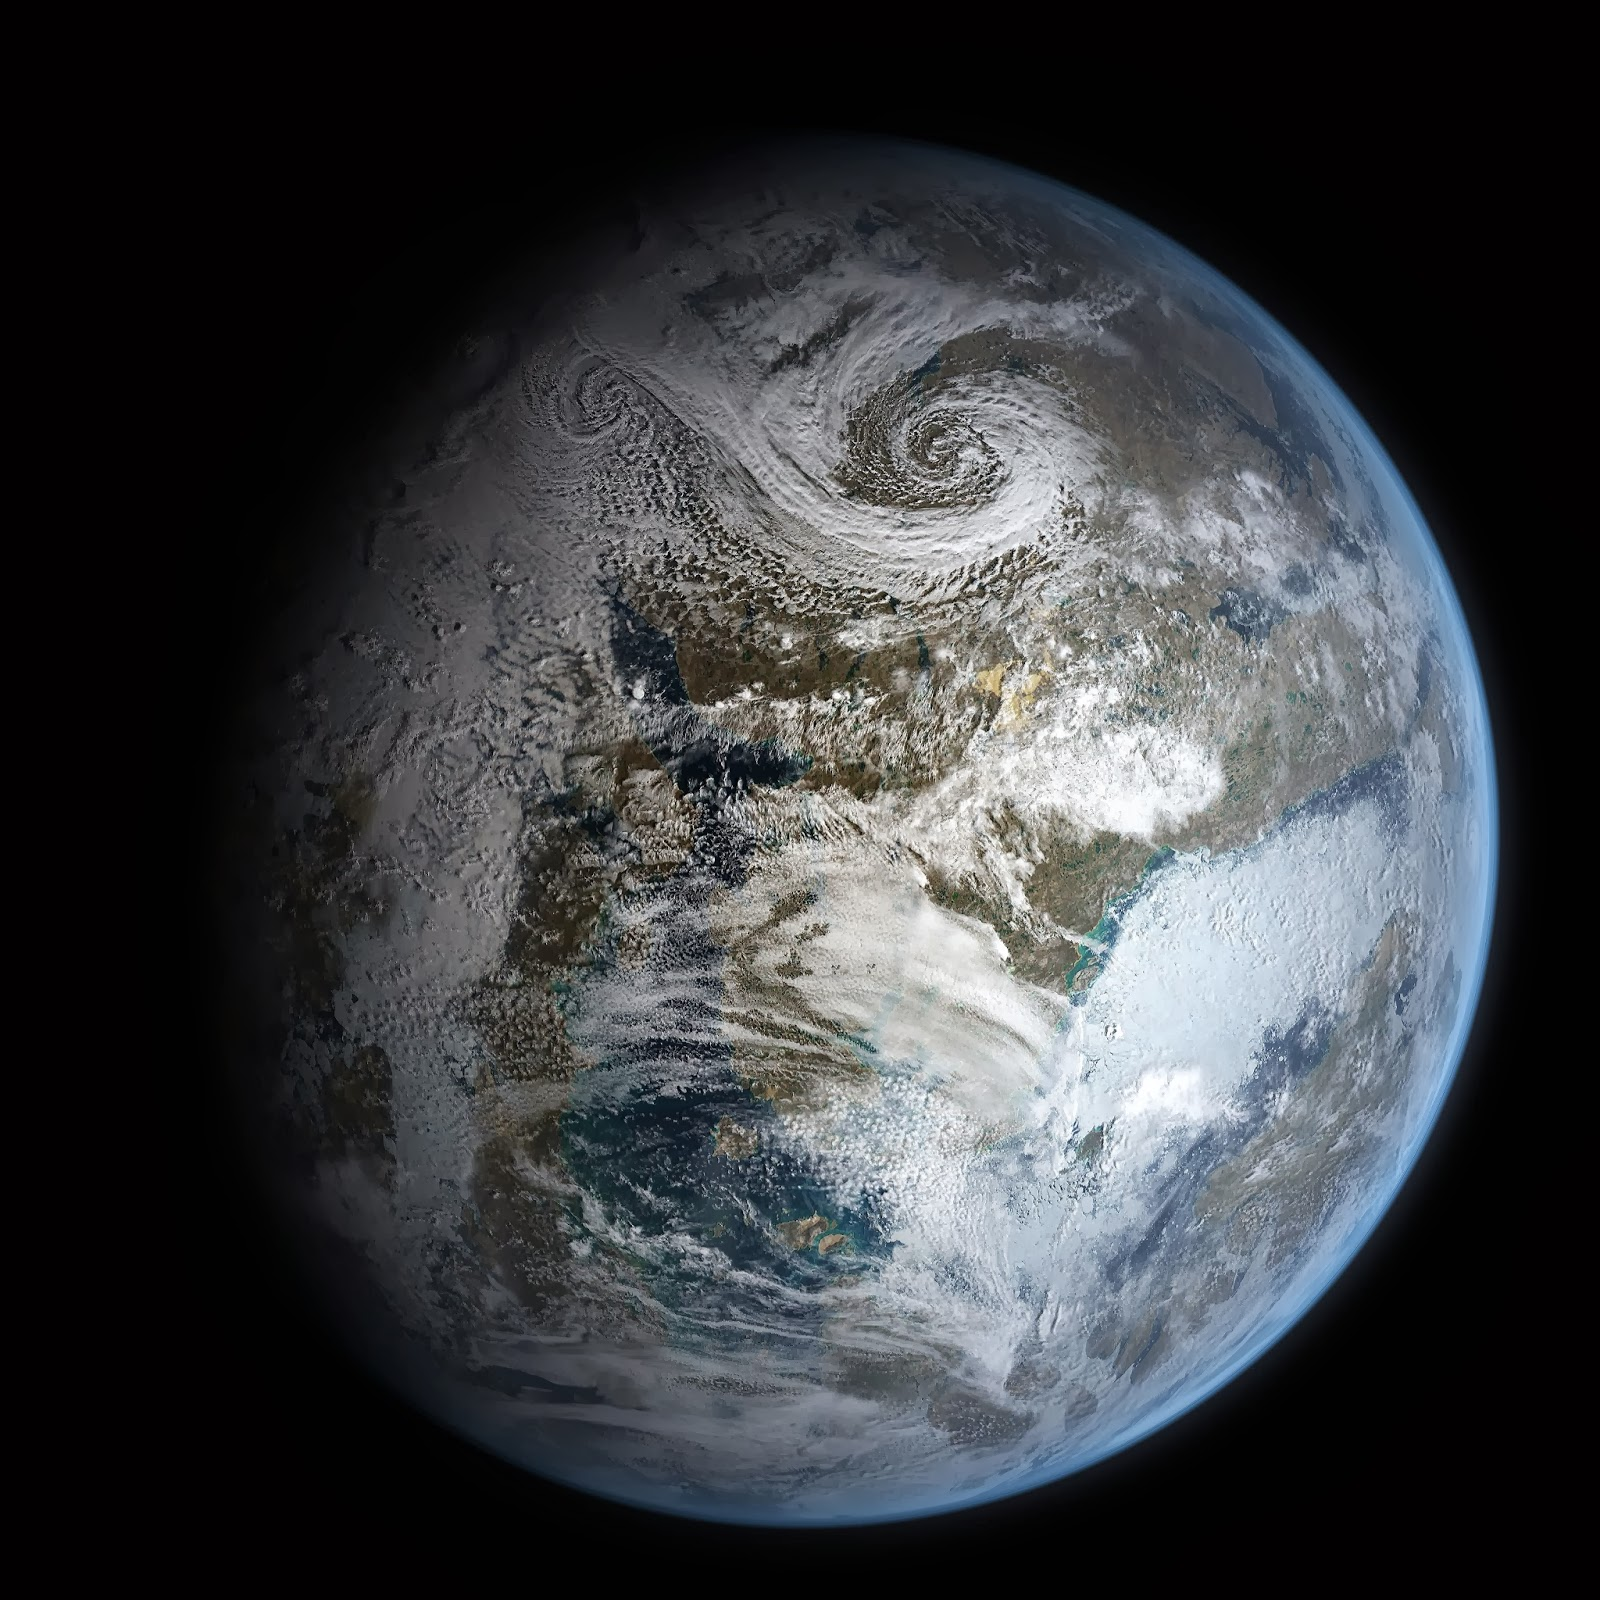 Beyond Earthly Skies: Ozone Layers on Alien Earths